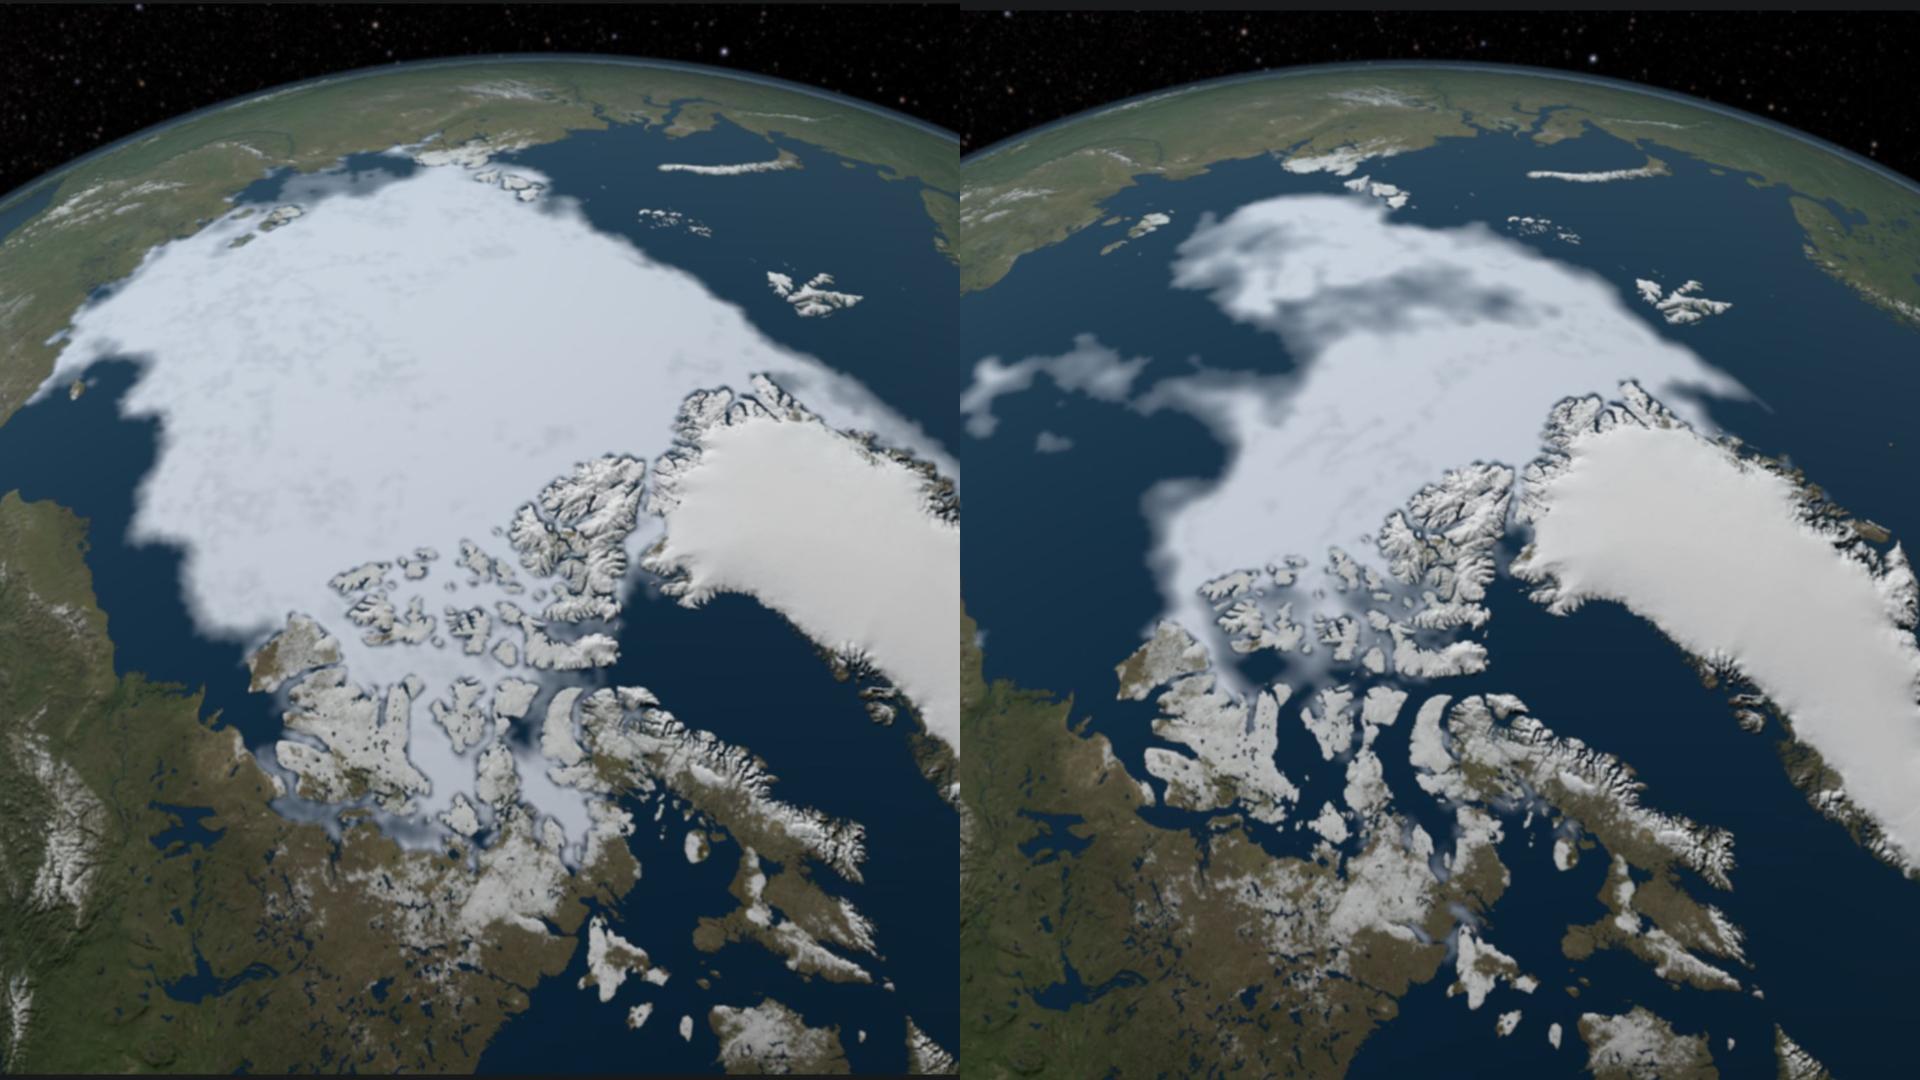 DA, VI STE KRIVI ZA OVO: Satelitske snimke otkrivaju zastrašujuće i tužne razmjere klimatskih promjena